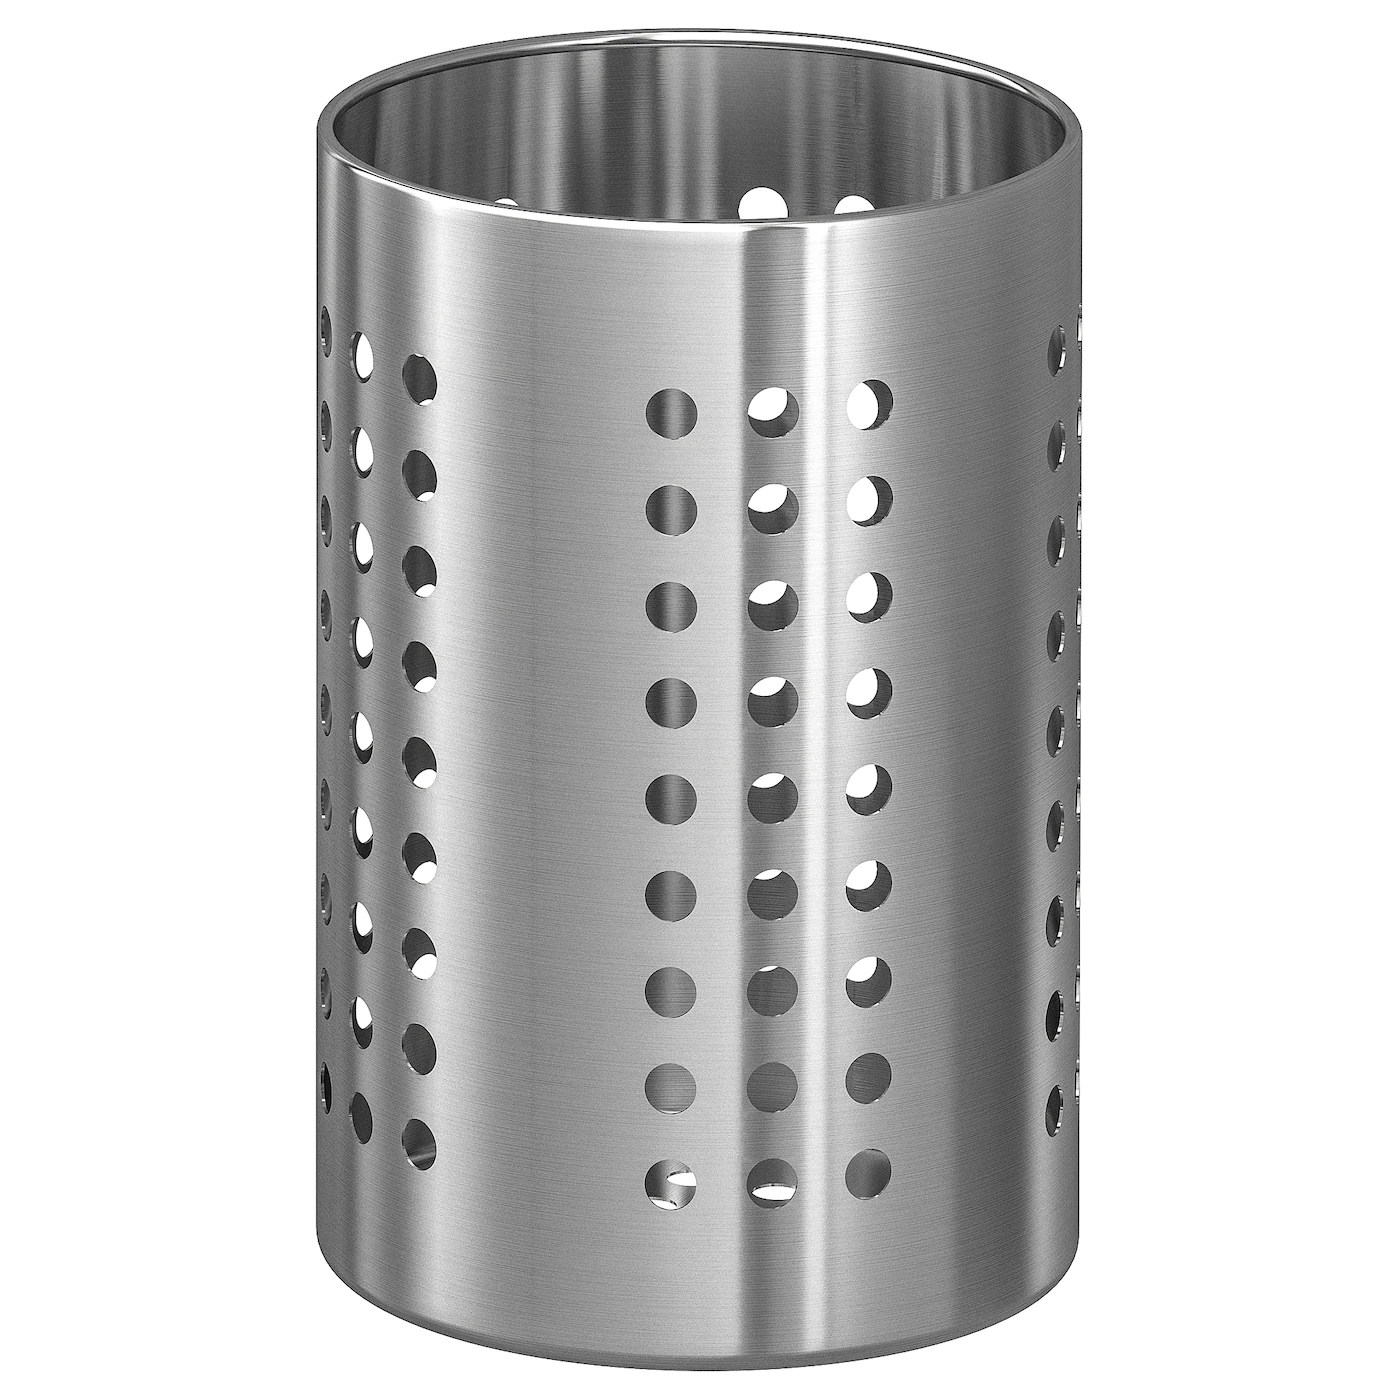 Accessoires Pour Faire La Vaisselle Ikea